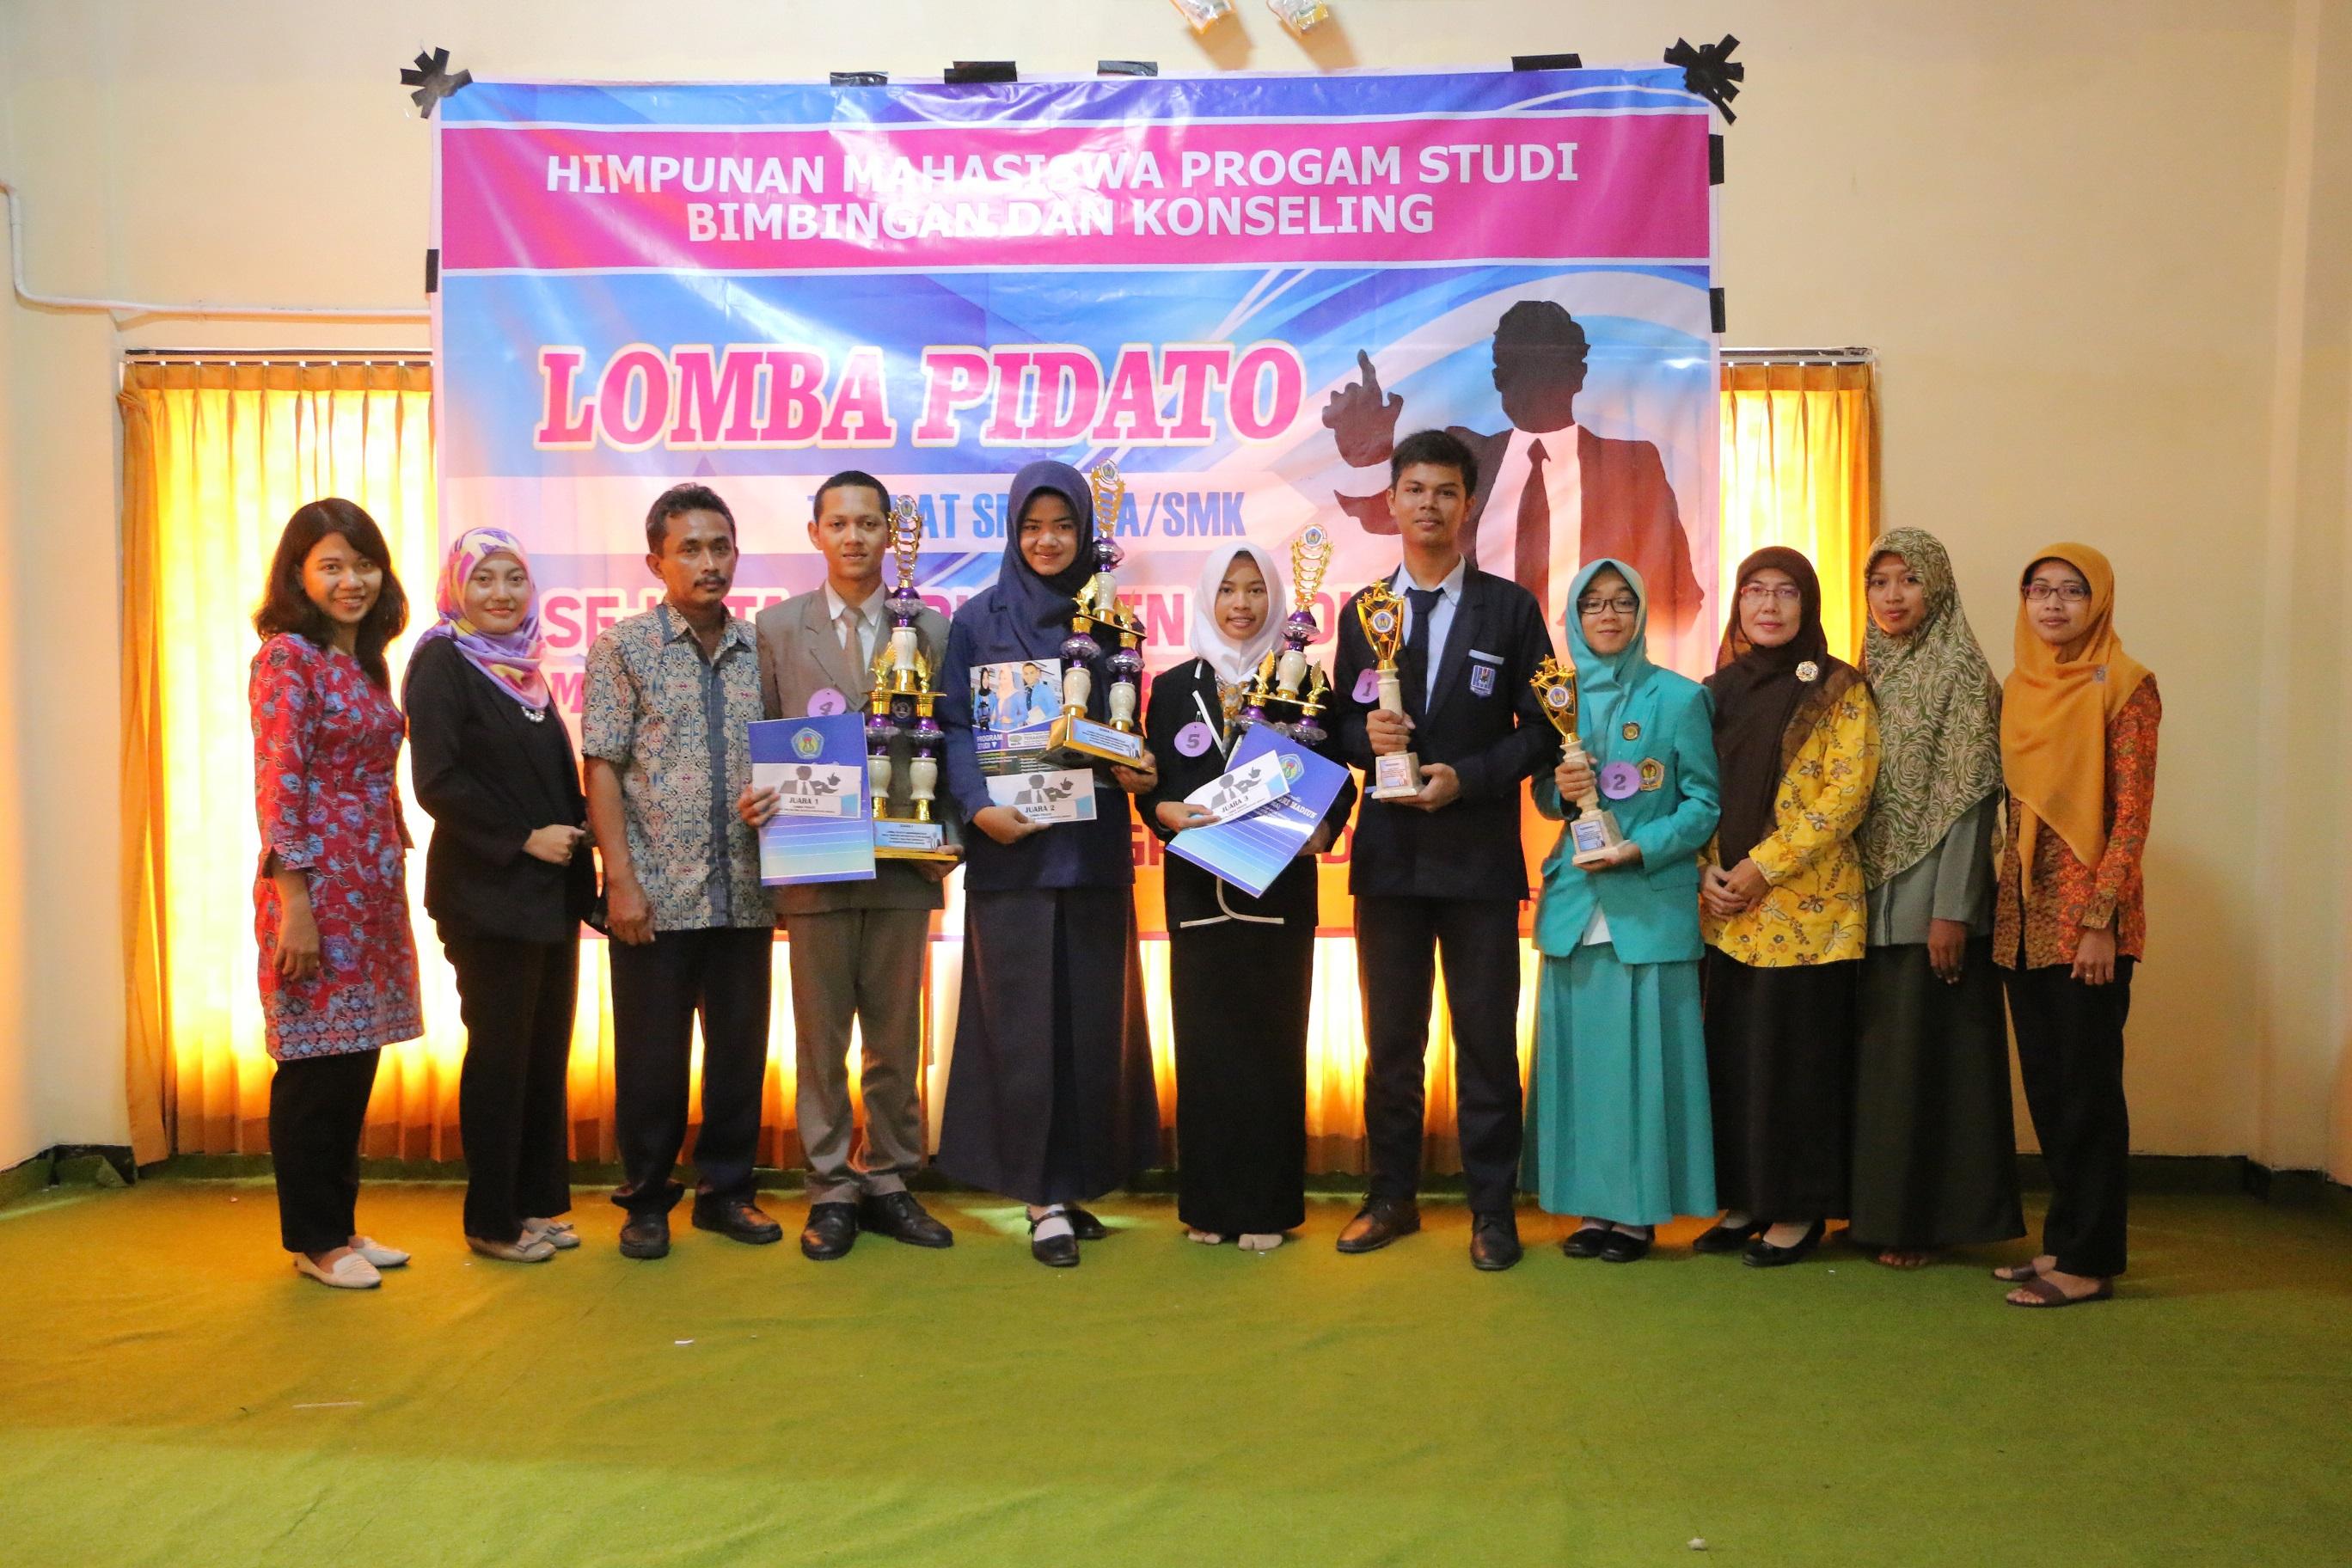 Lomba Pidato Tingkat SMA/MA/SMK Se-Kab/Kota Madiun